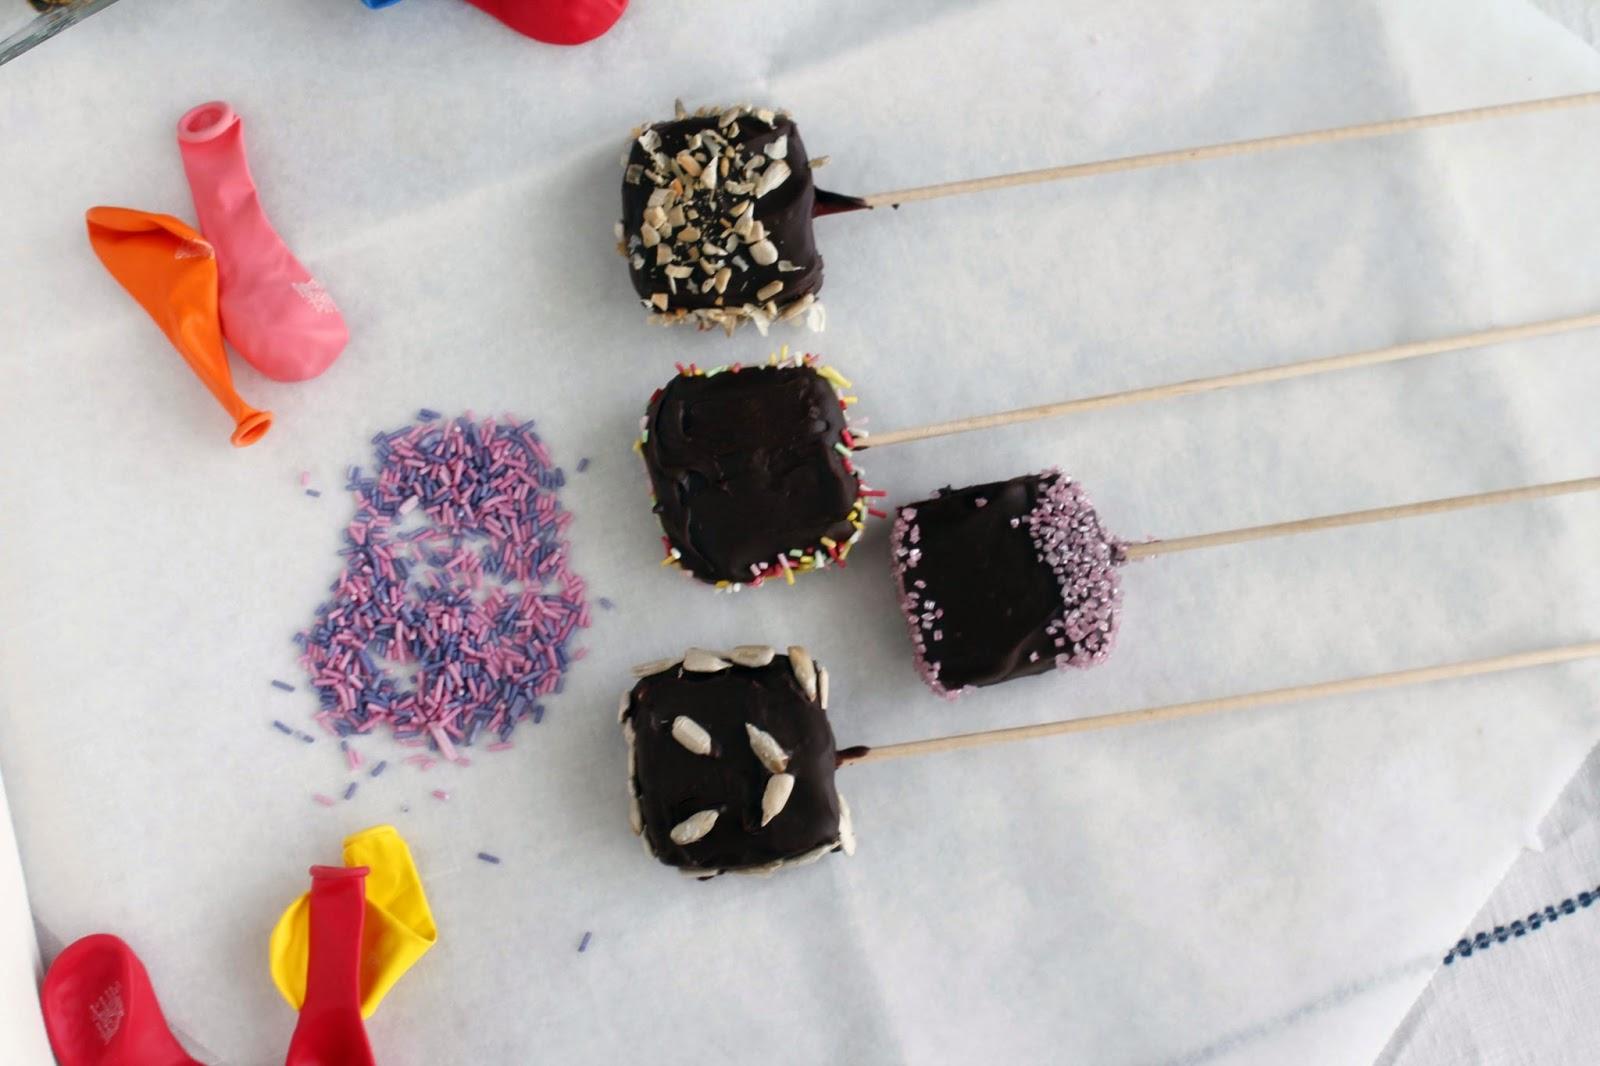 Receta Cake pops de queso y chocolate para cocinar con niños